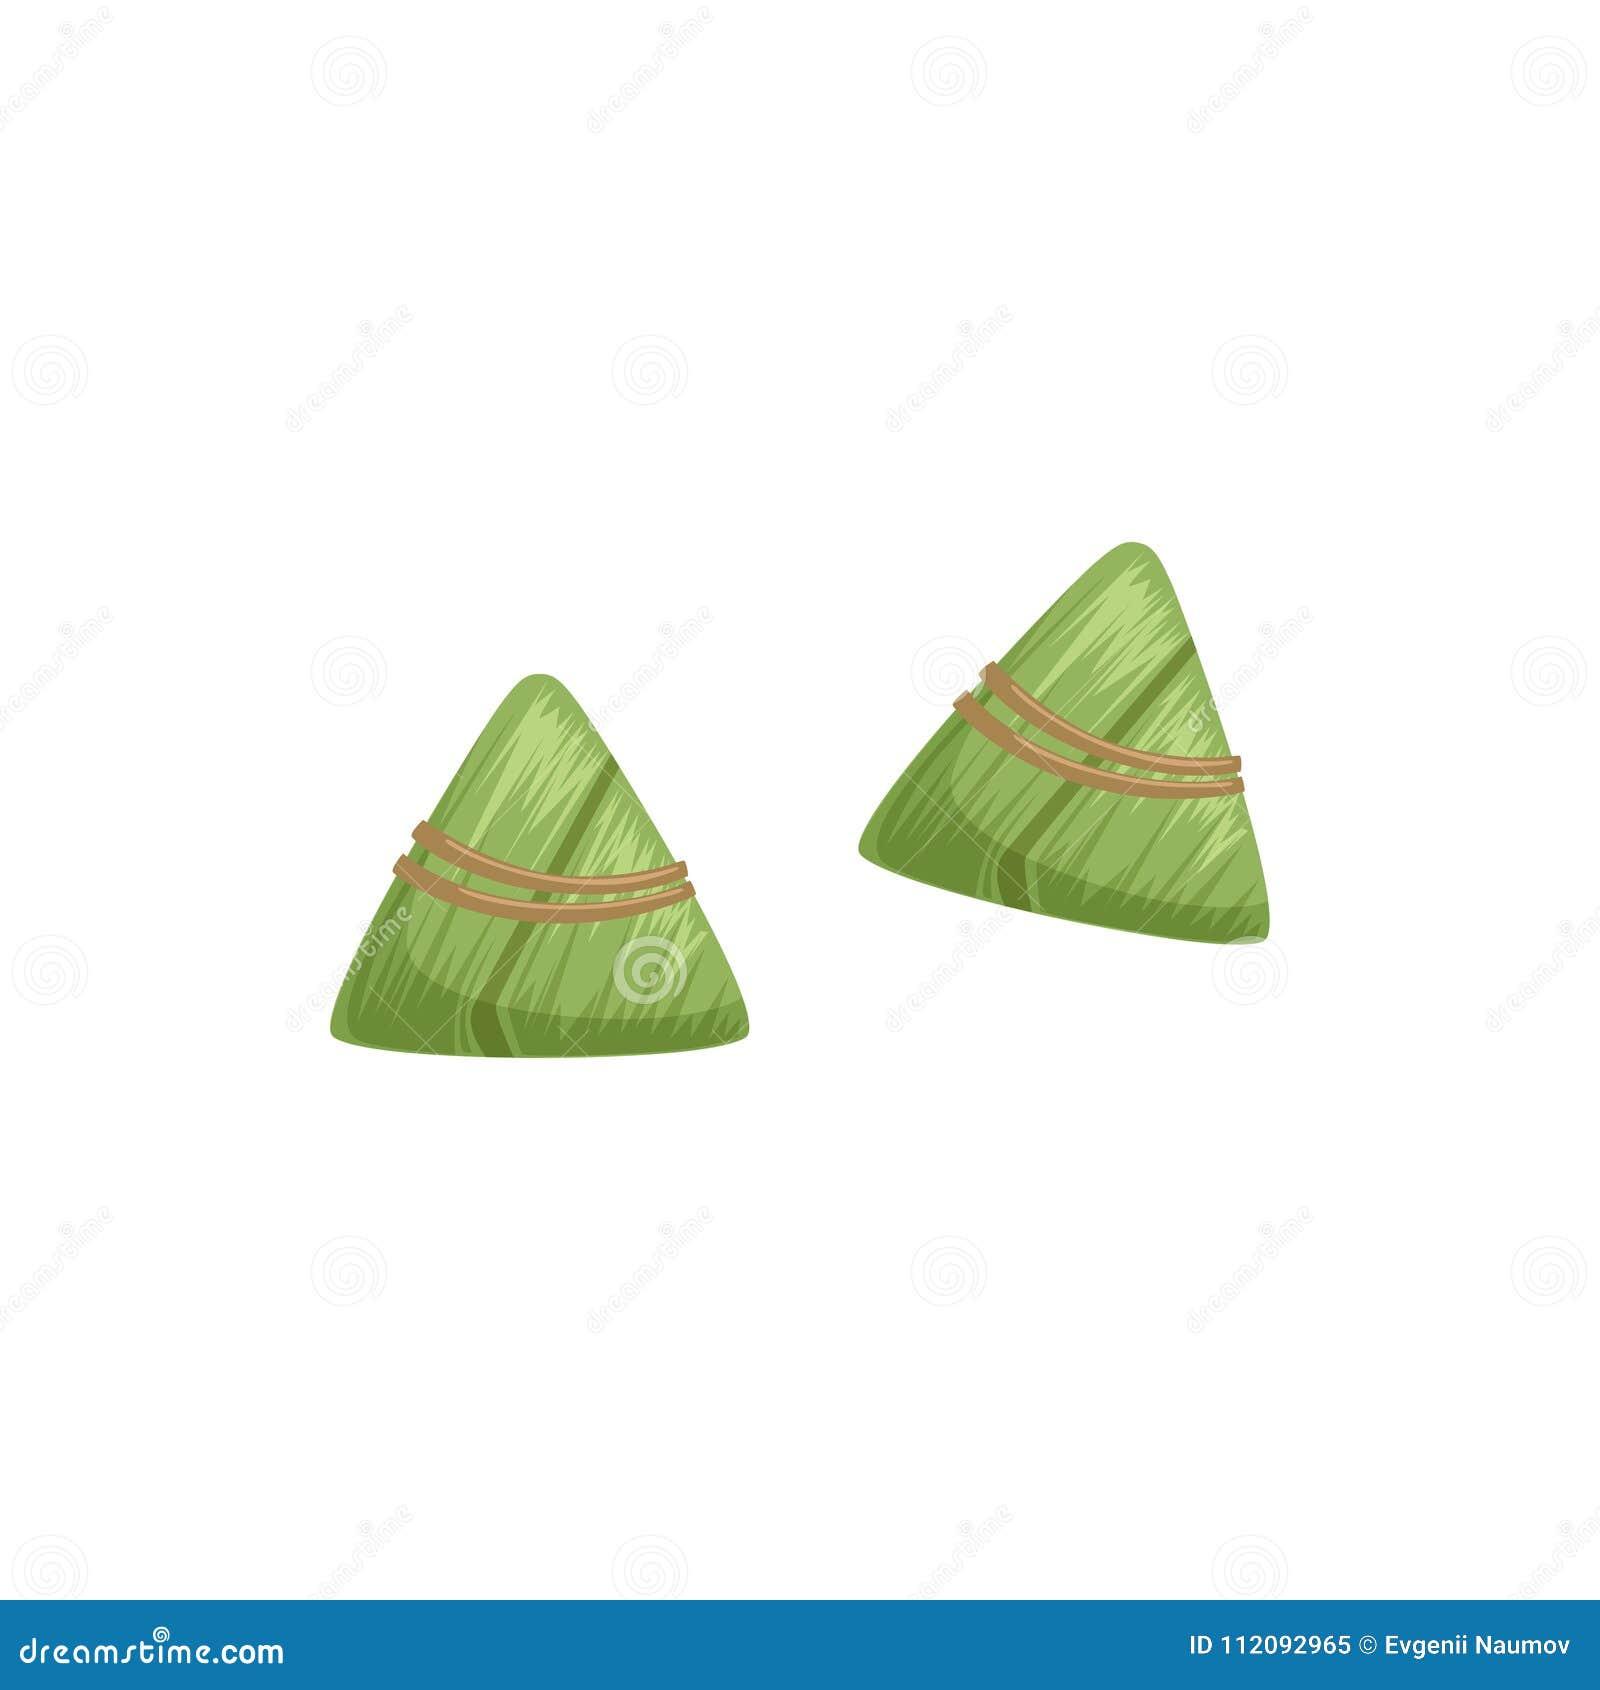 Chińskie ryżowe kluchy z bambusowym liściem, symbol Chińskiego tradycyjnego Łódkowatego festiwalu wektorowa ilustracja na bielu